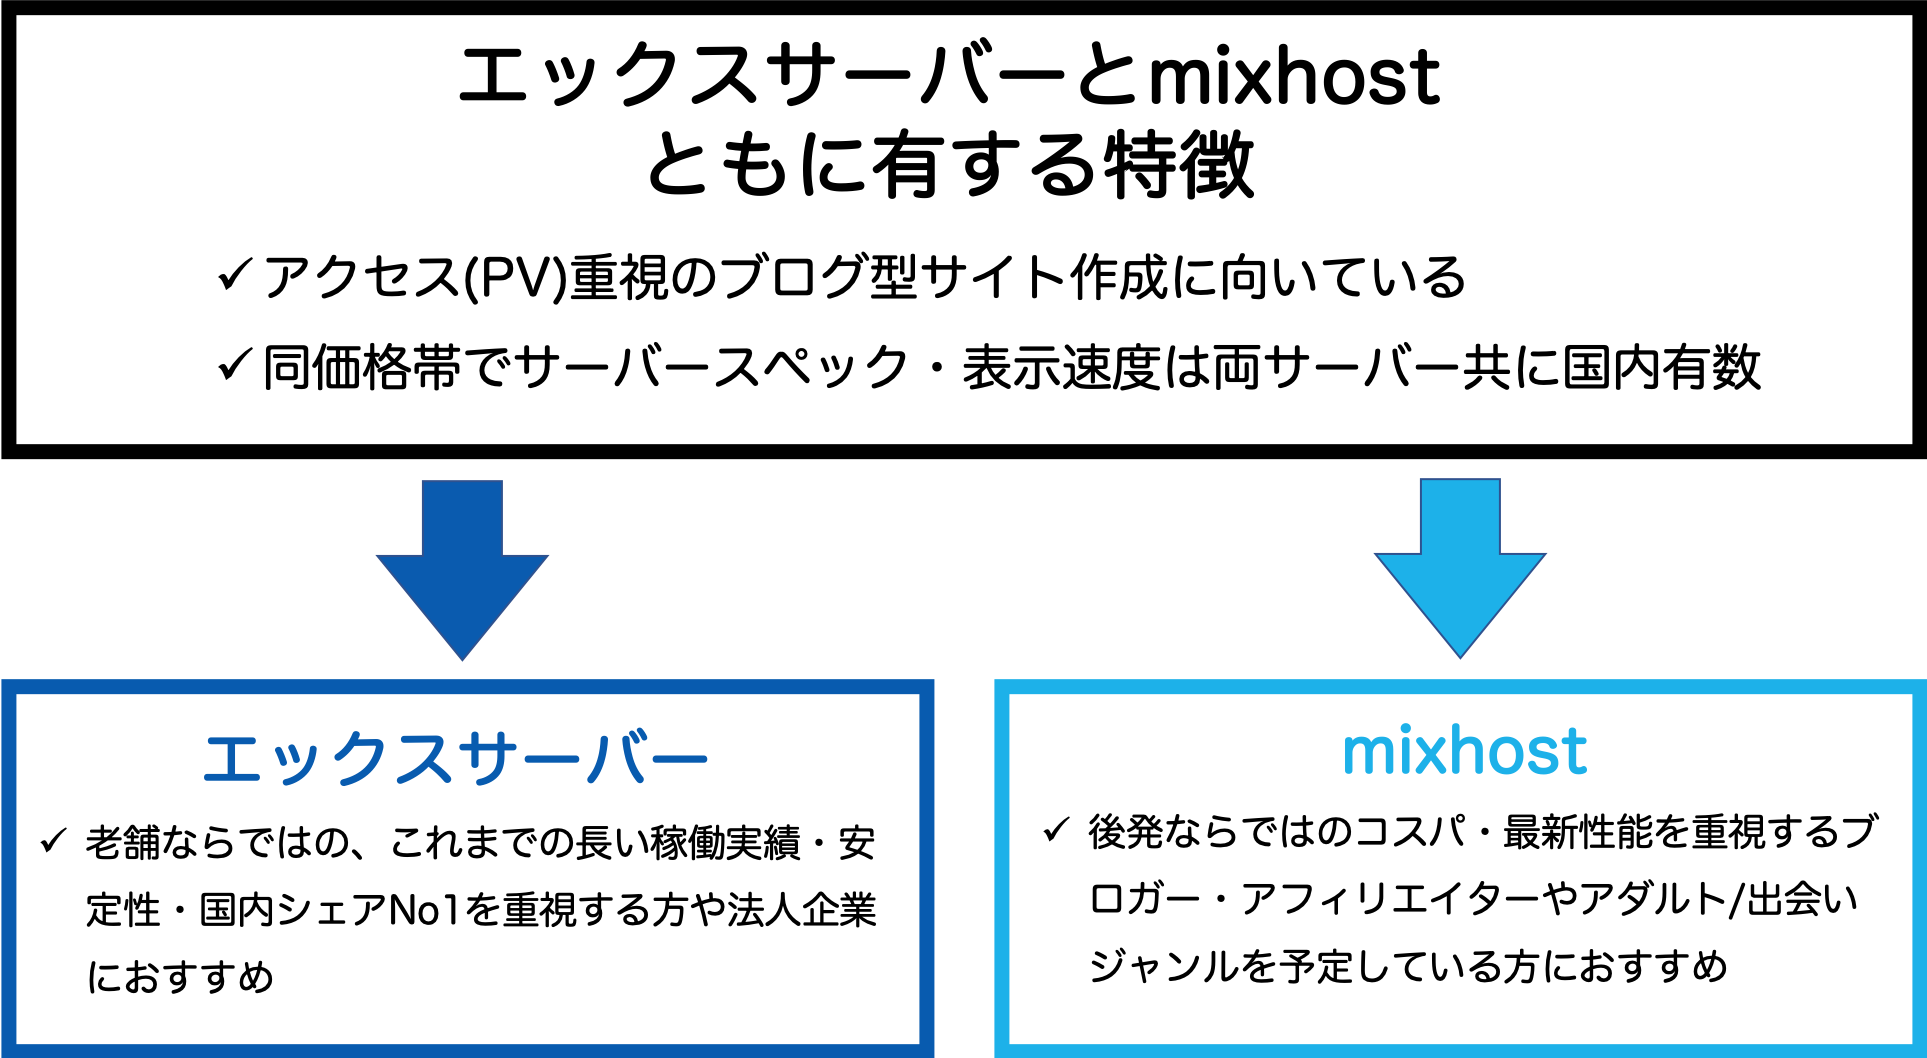 エックスサーバー とmixhostの特徴